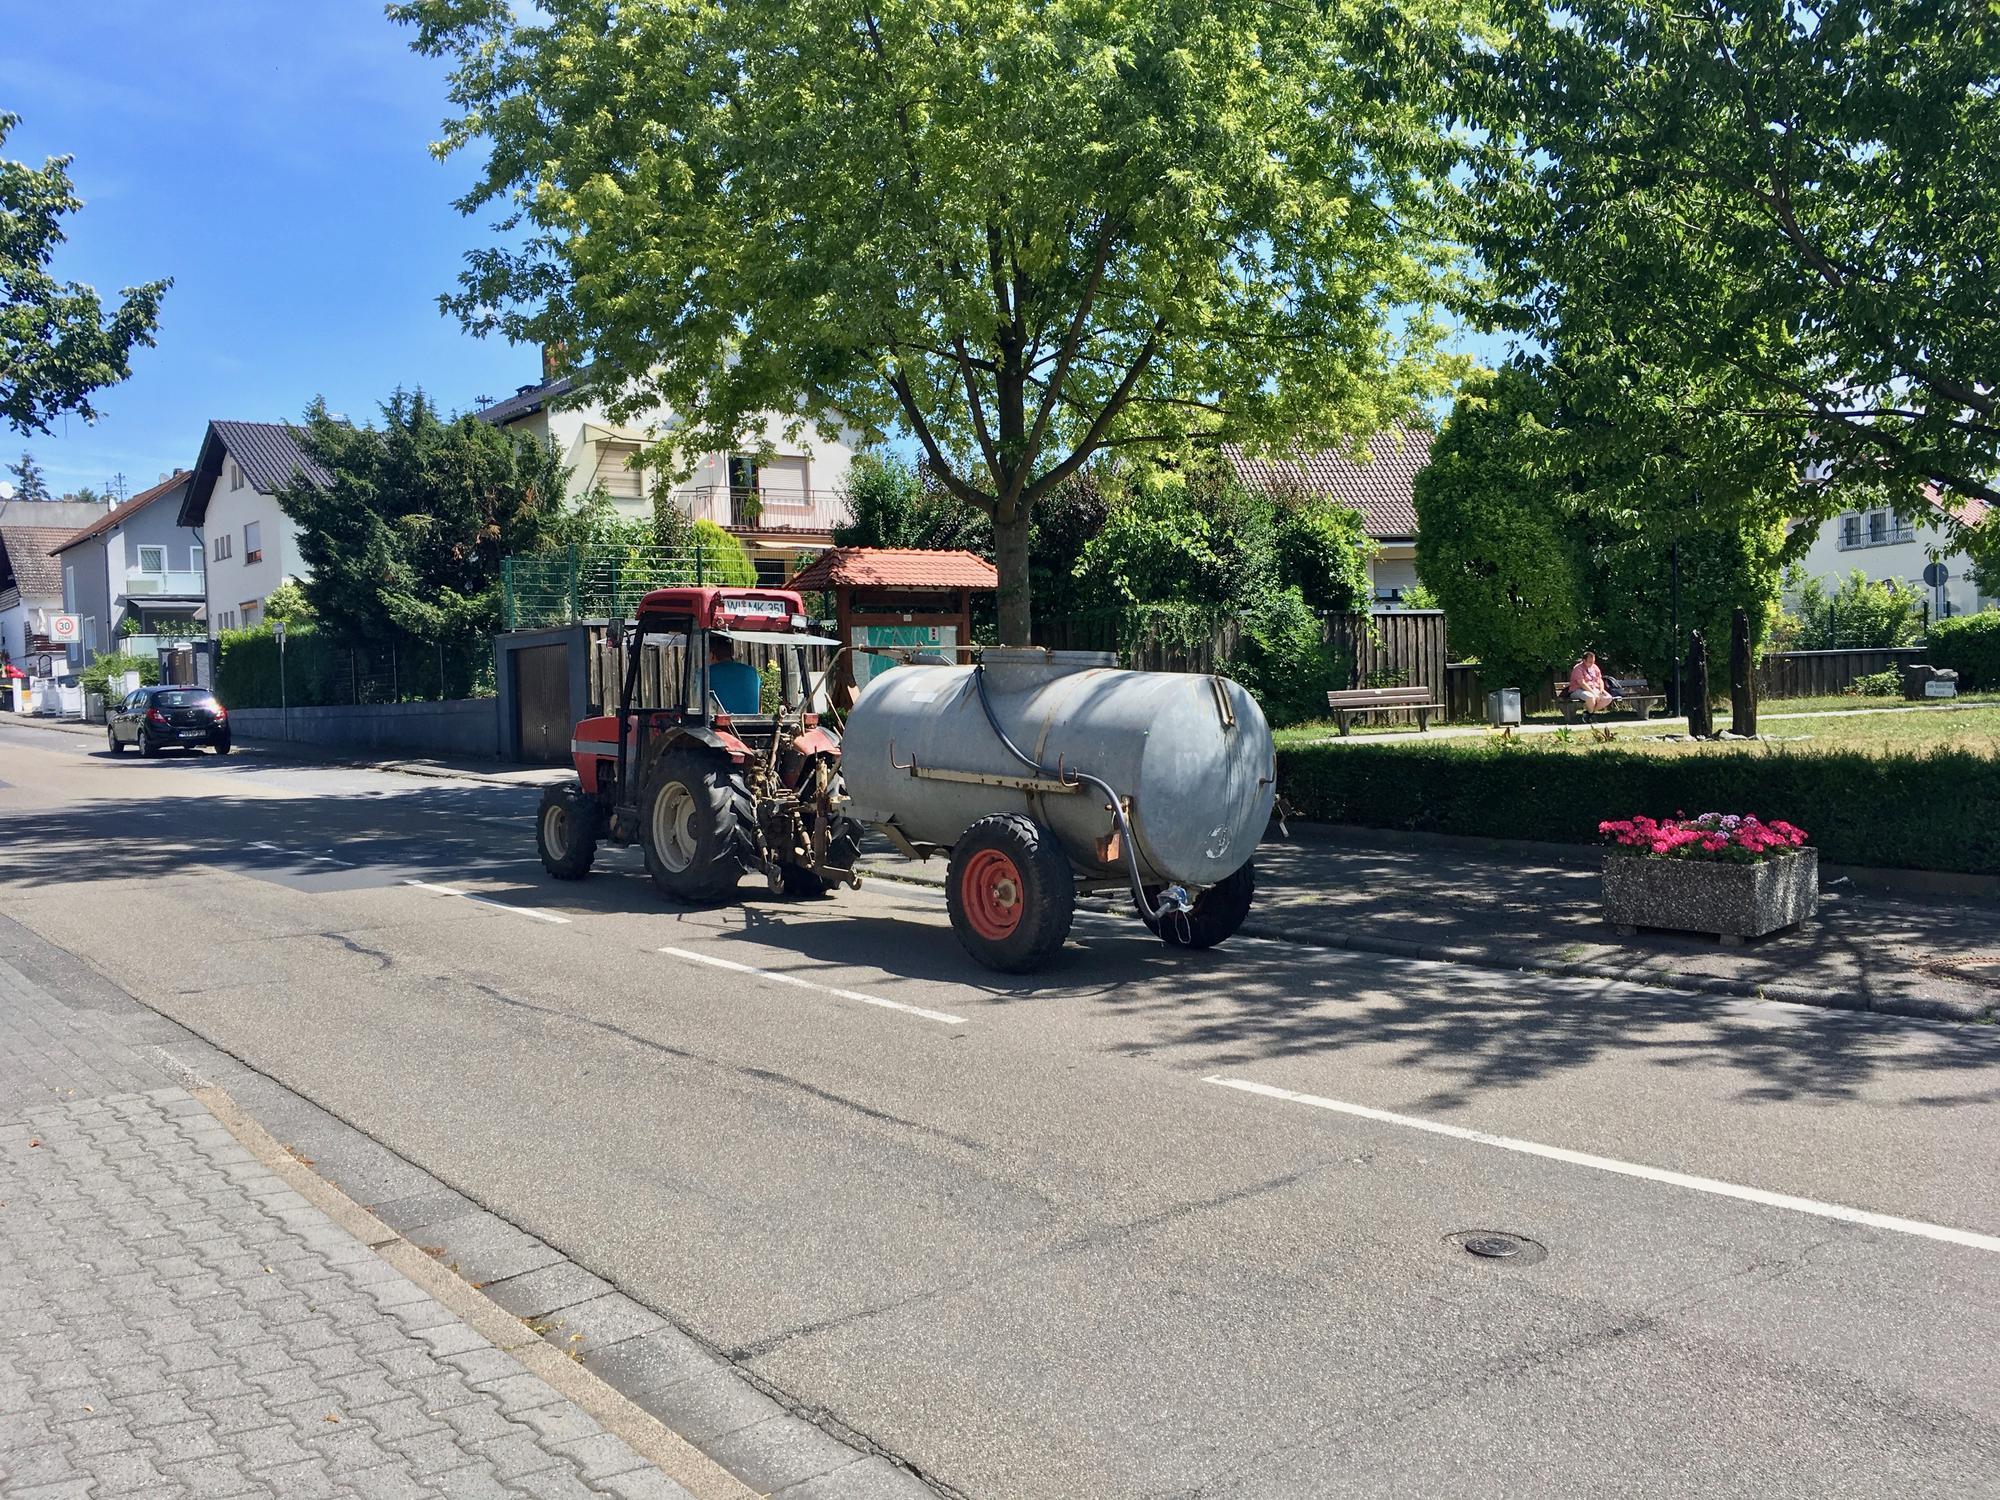 🇩🇪 Висбаден, Германия, июль 2017.